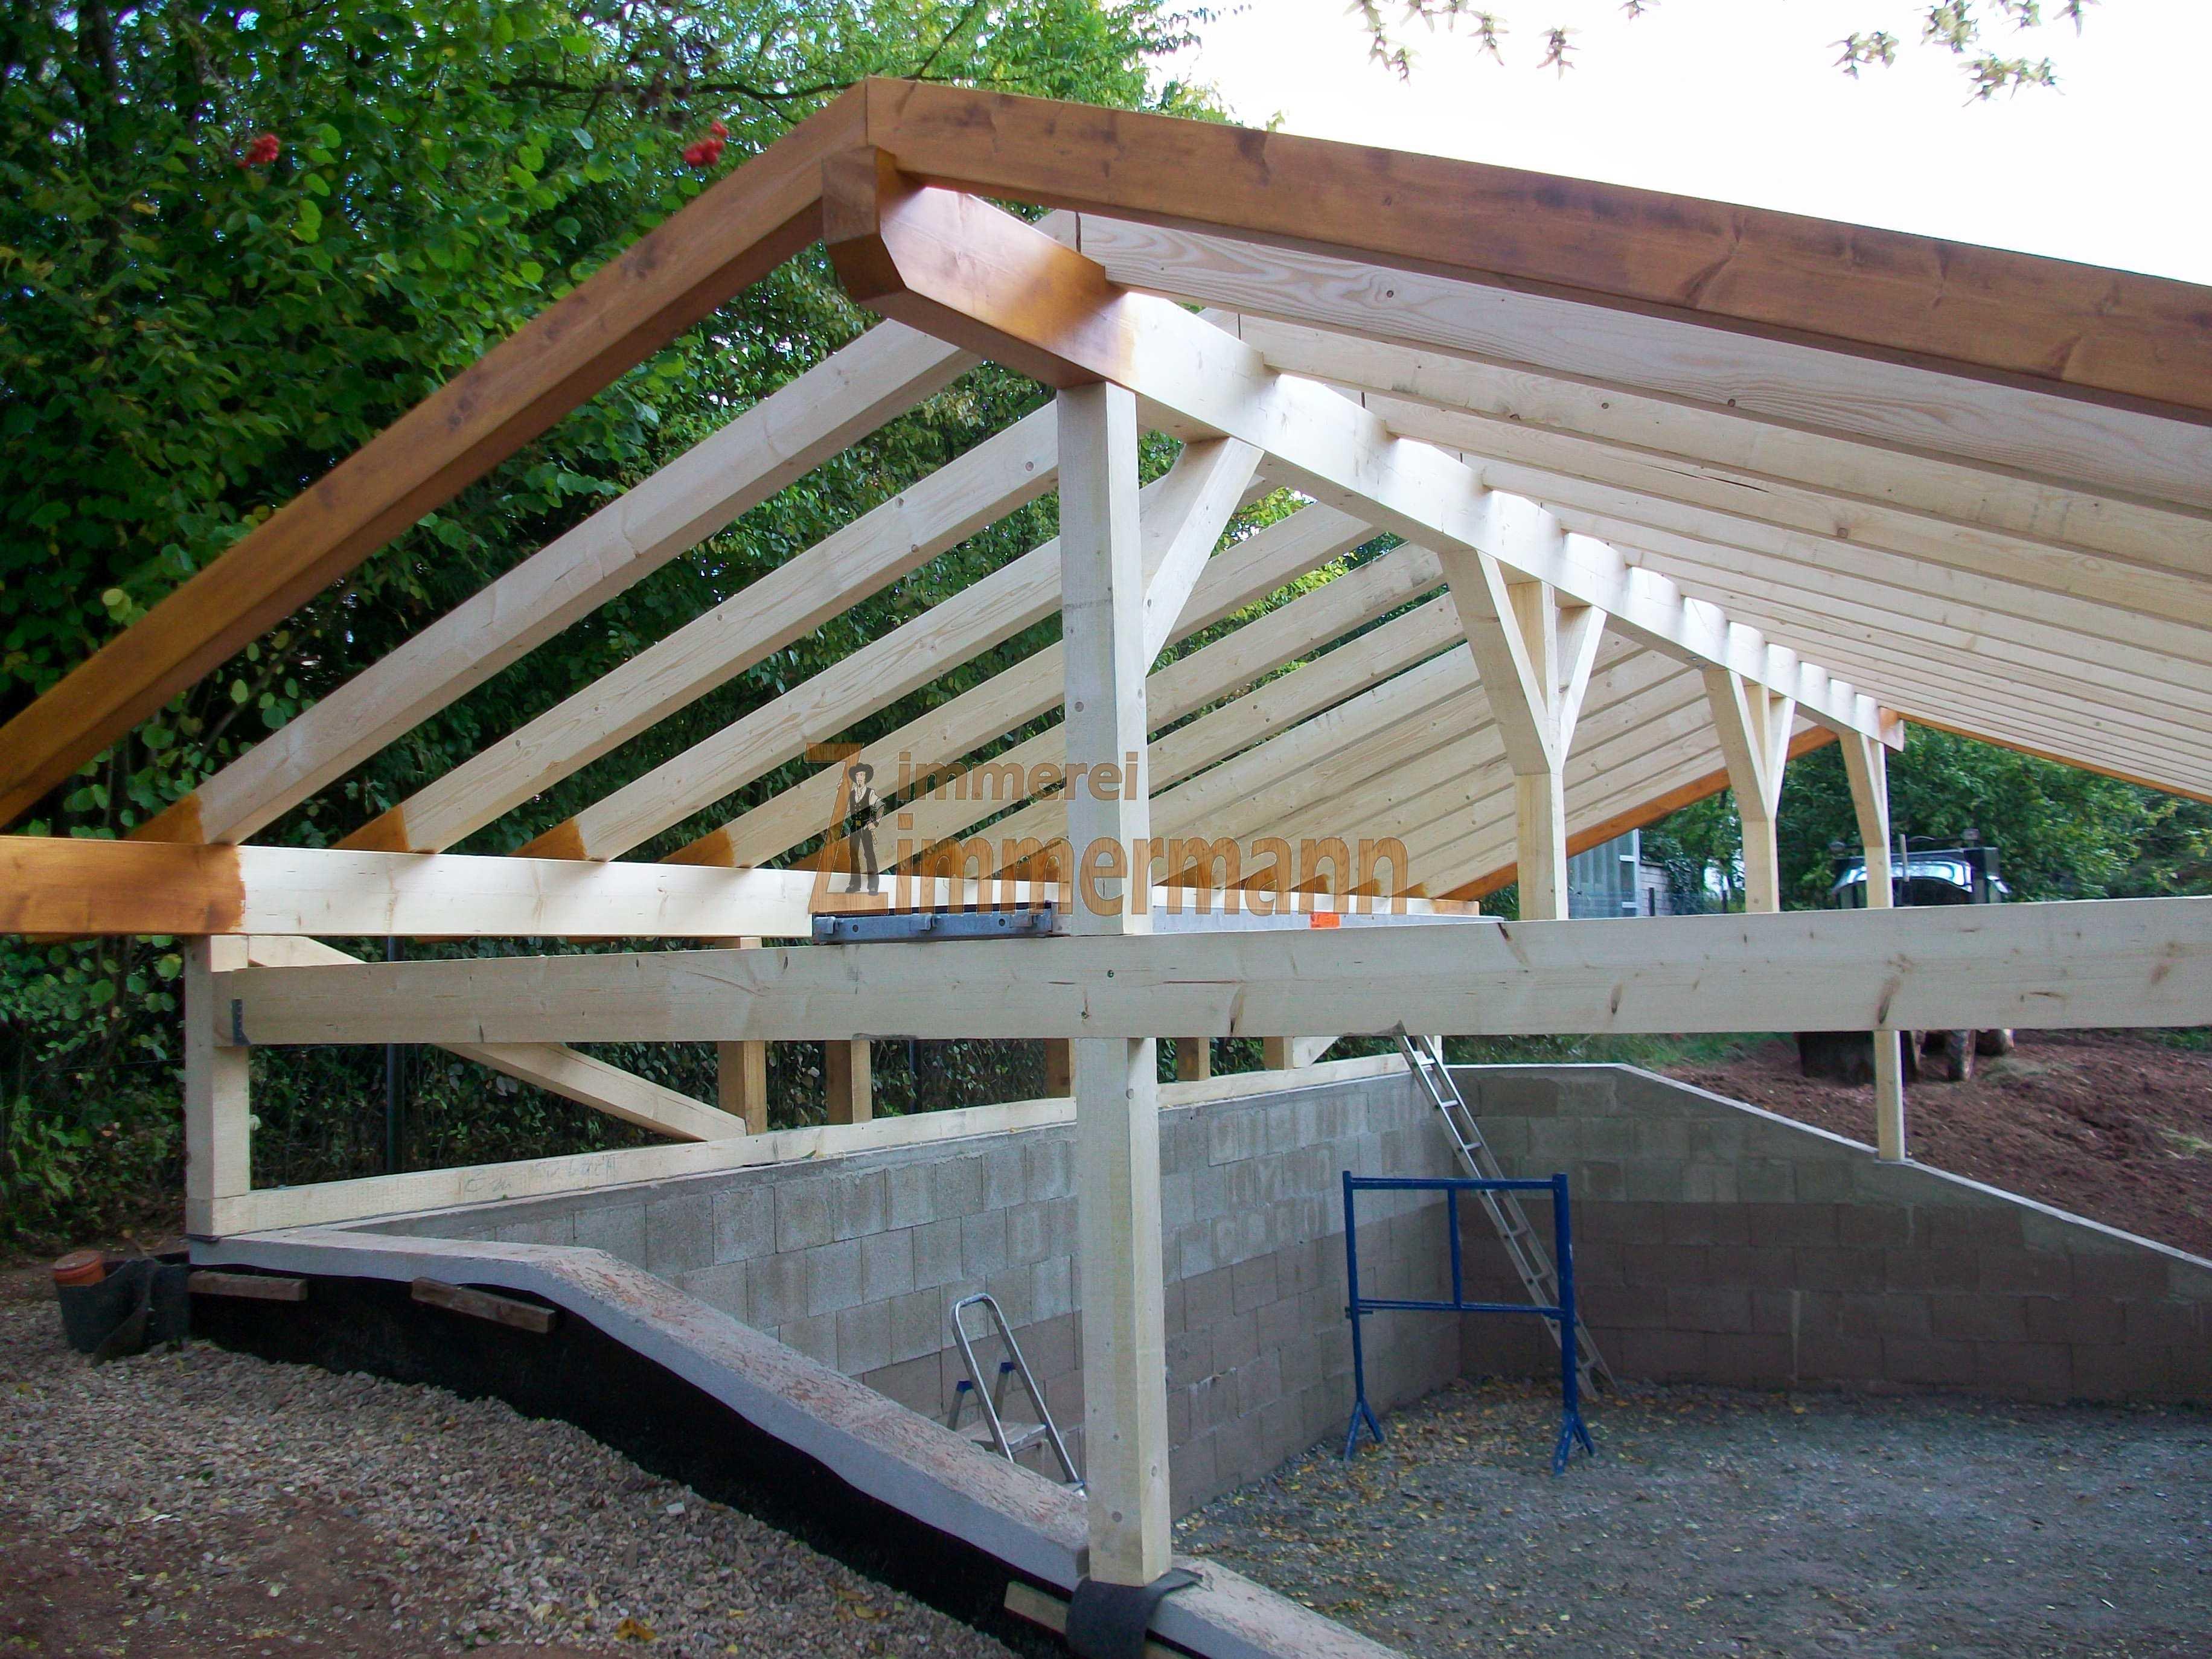 Garage in Holzbauweise